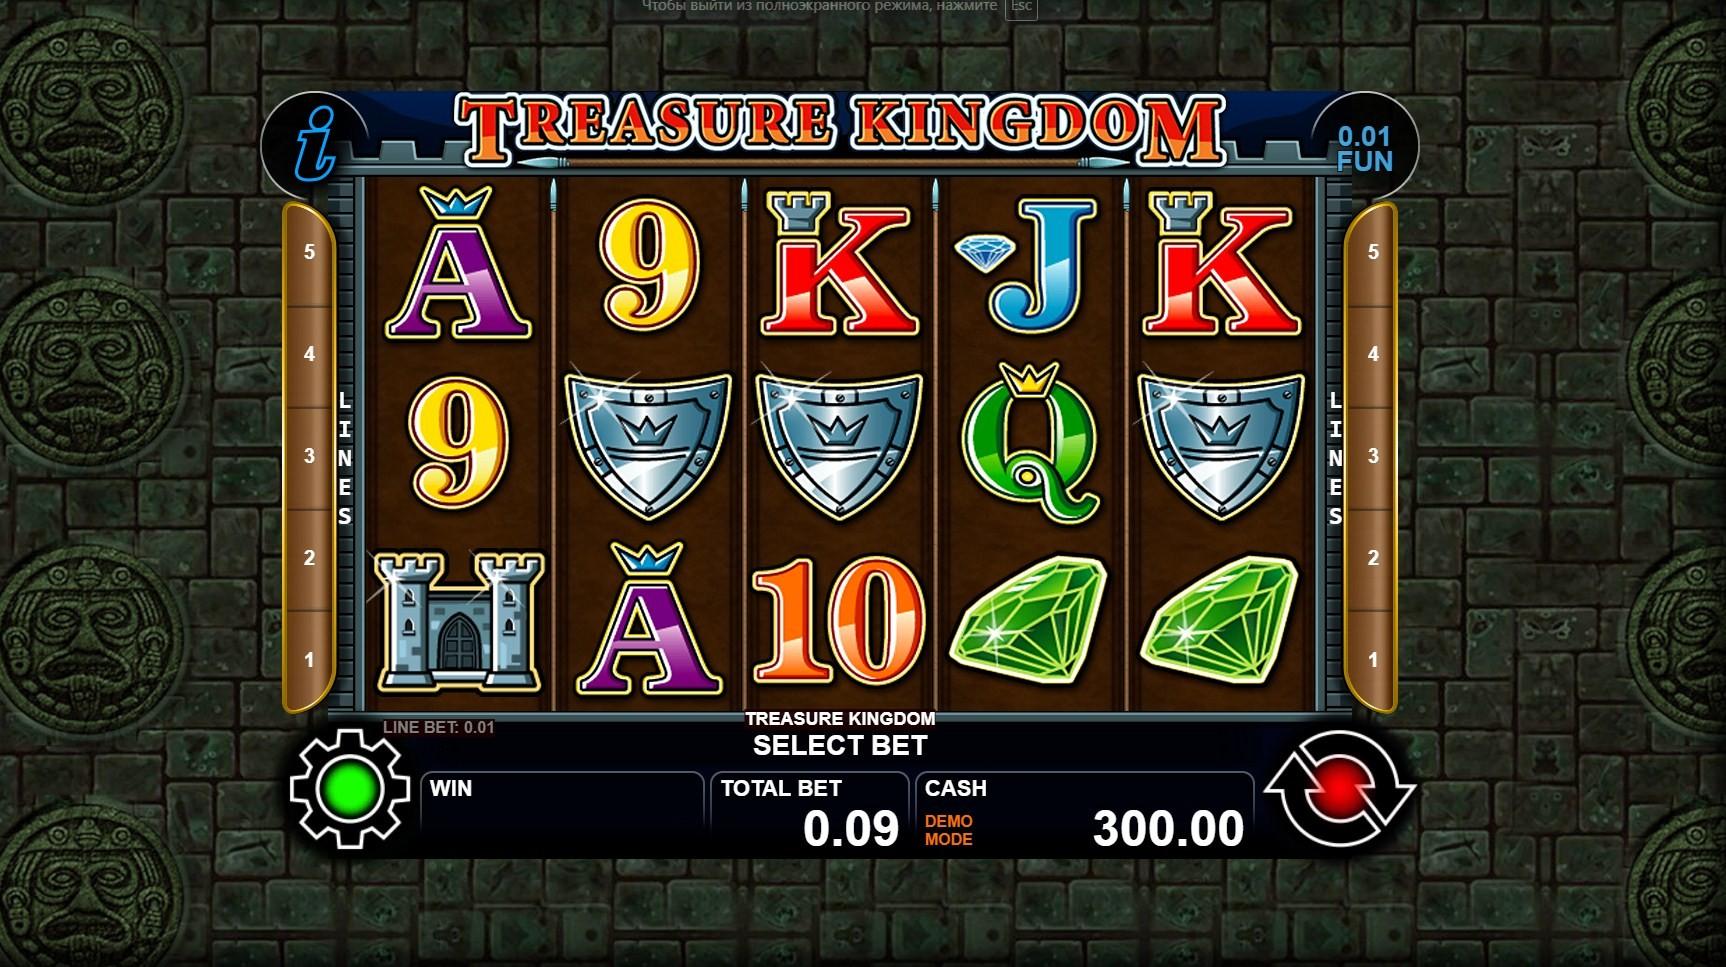 игровые автоматы денежный бонус при регистрации